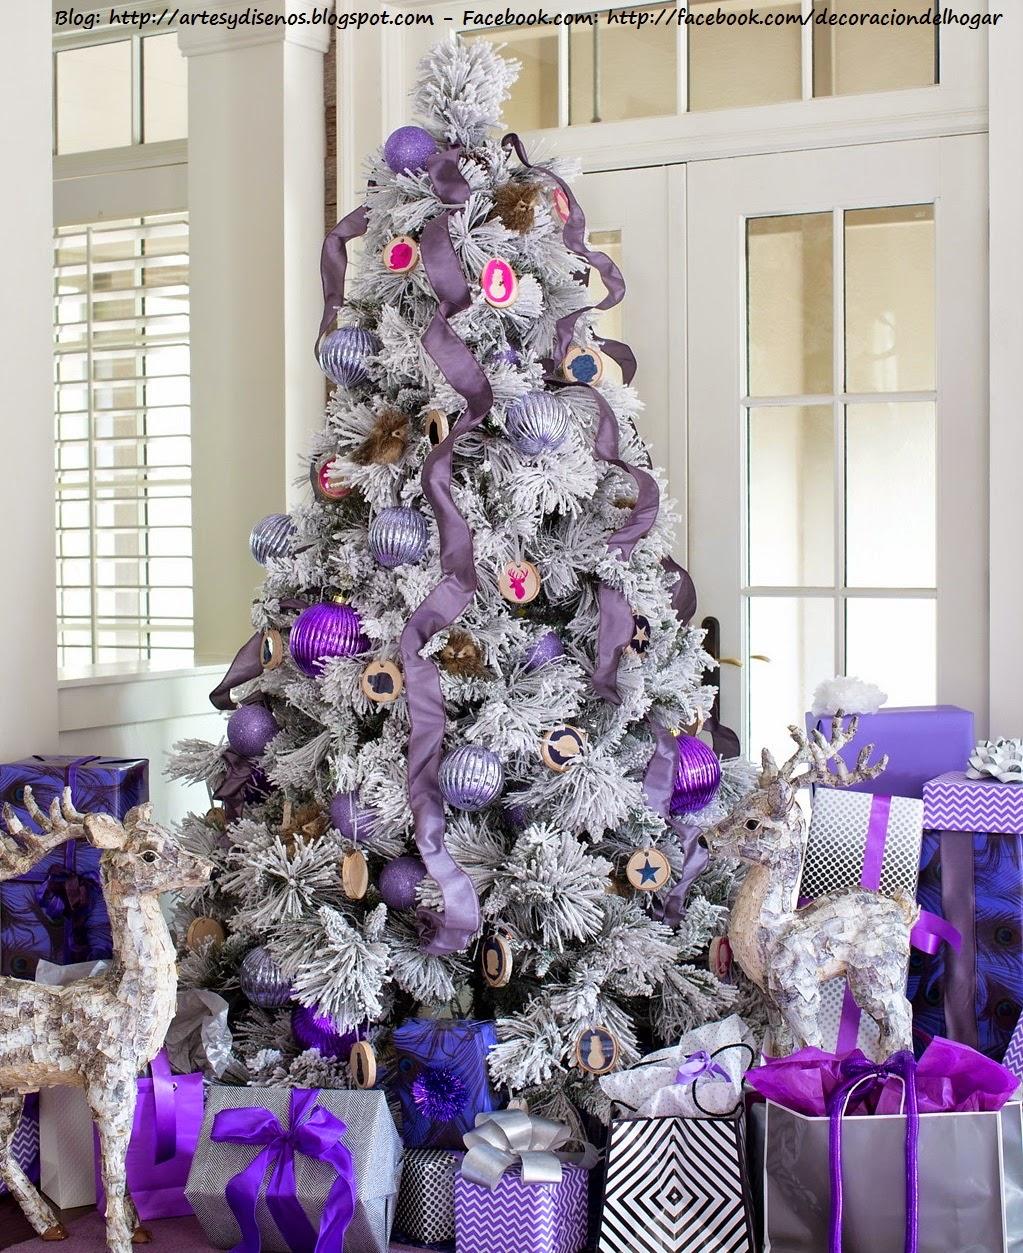 como decorar una casa para navidad fotos imagenes mostrar